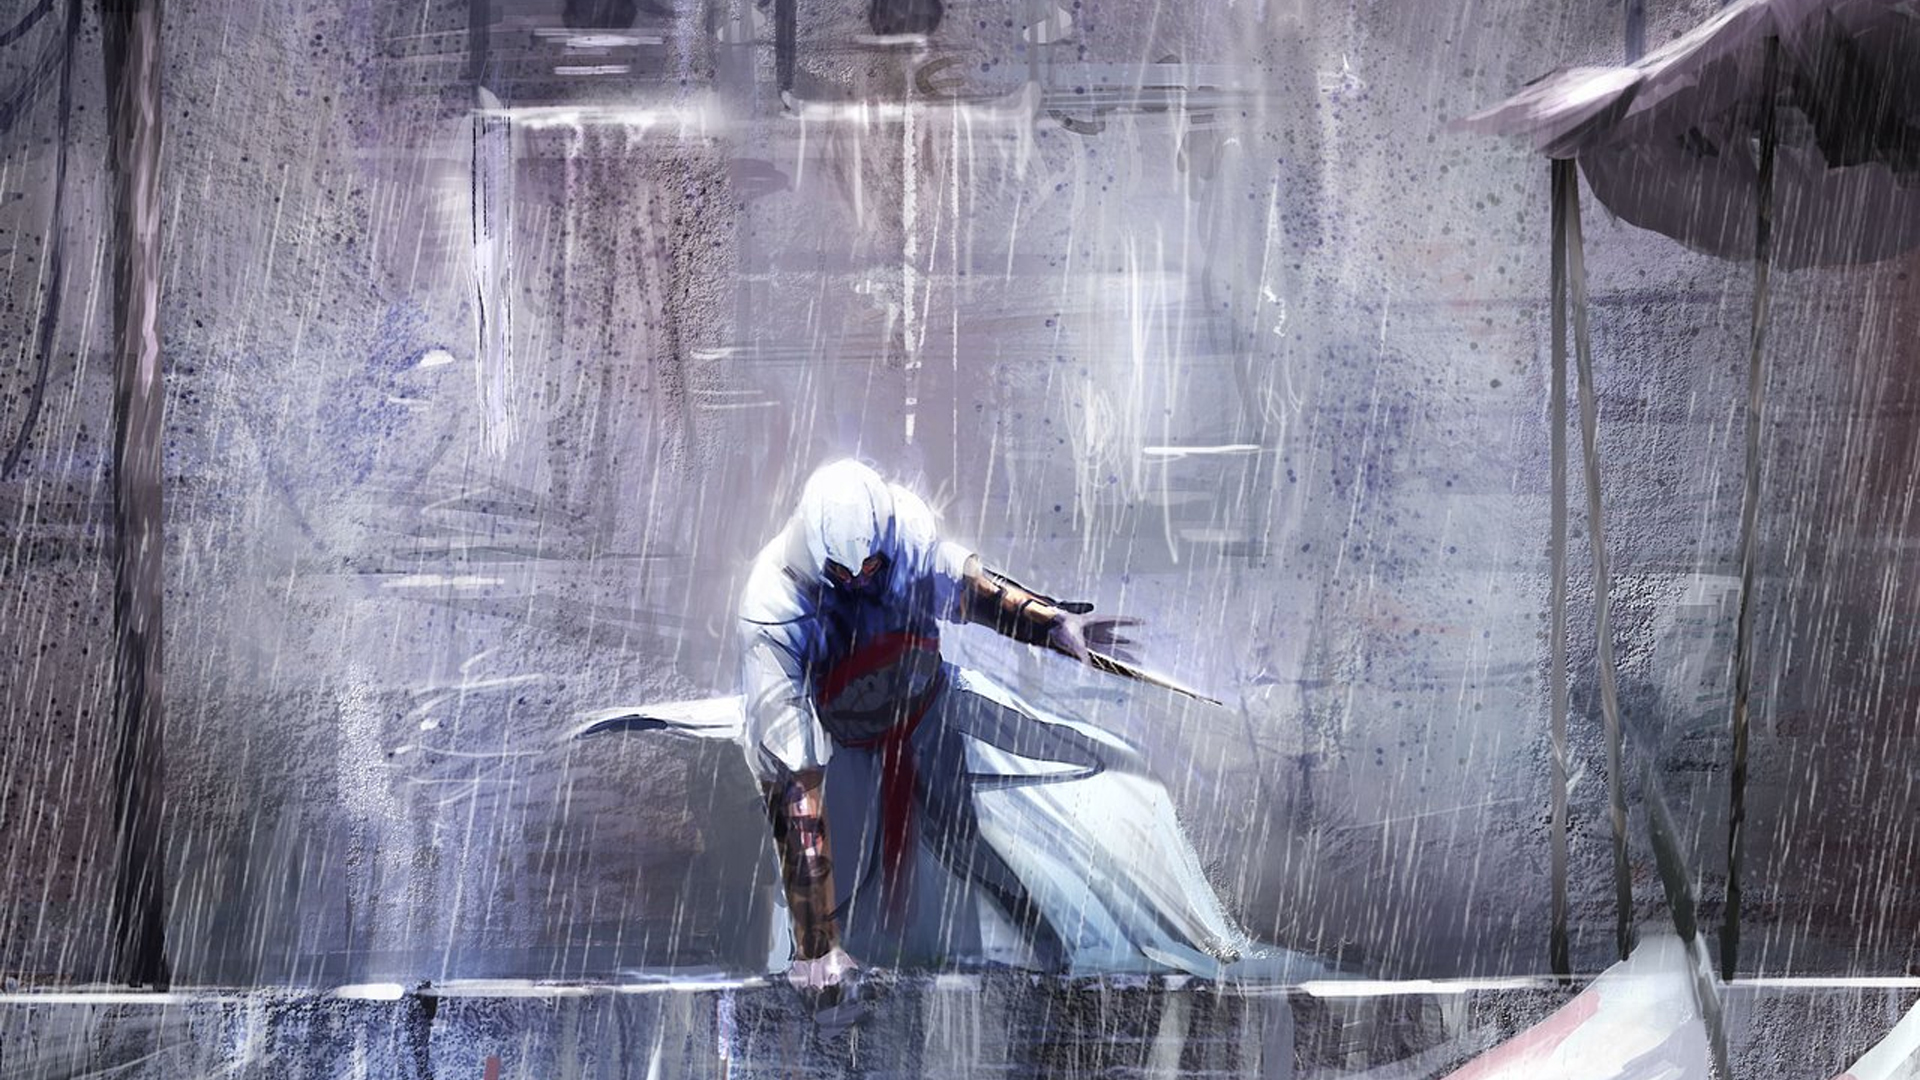 wallpaper creed assassin ps3 victorian games grey assassins 1920x1080